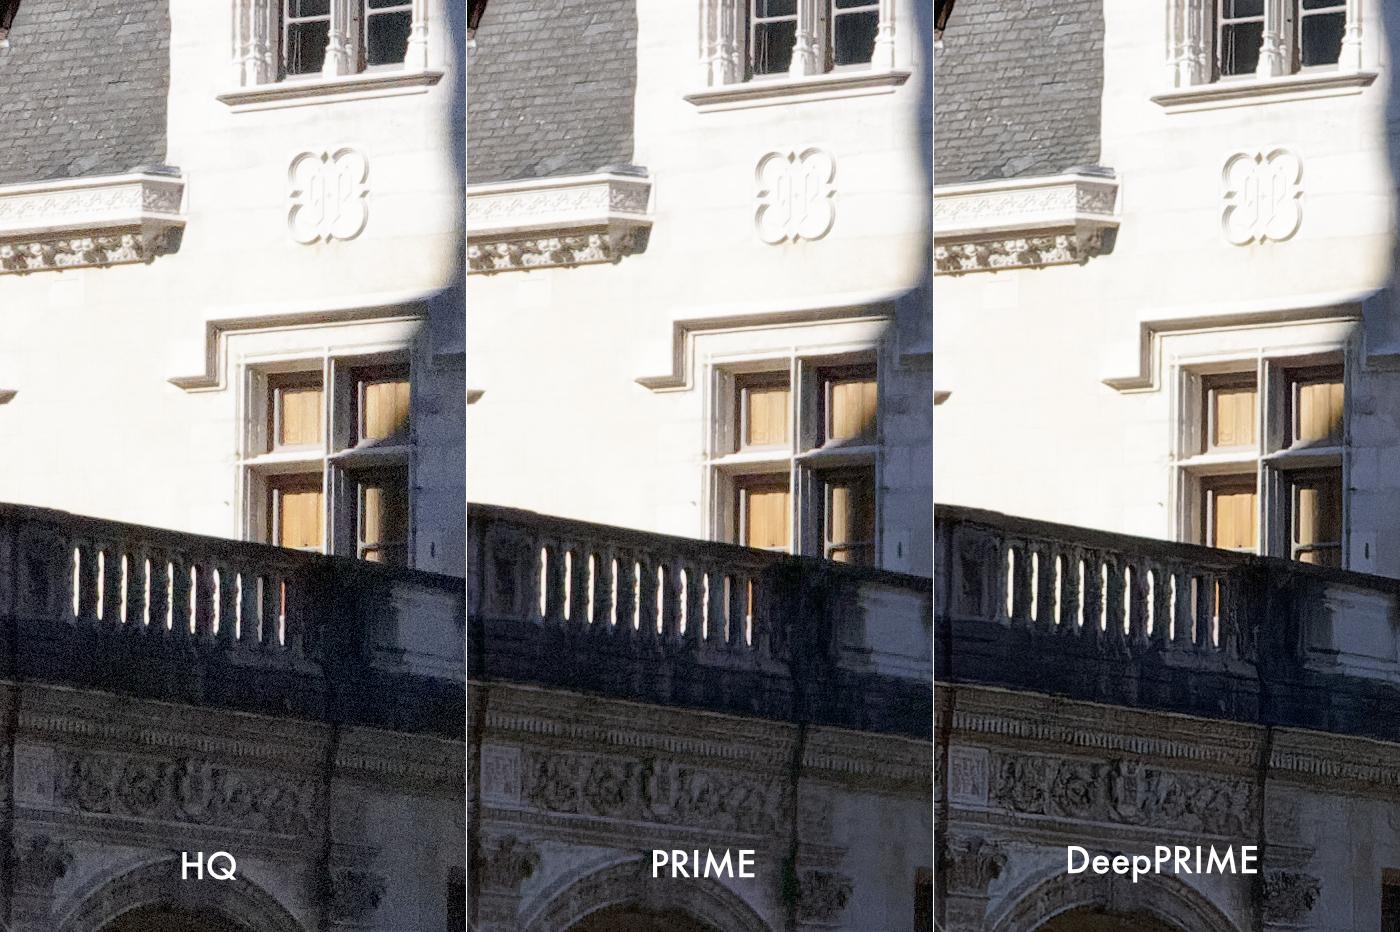 Résultats HQ-PRIME-DeepPRIME